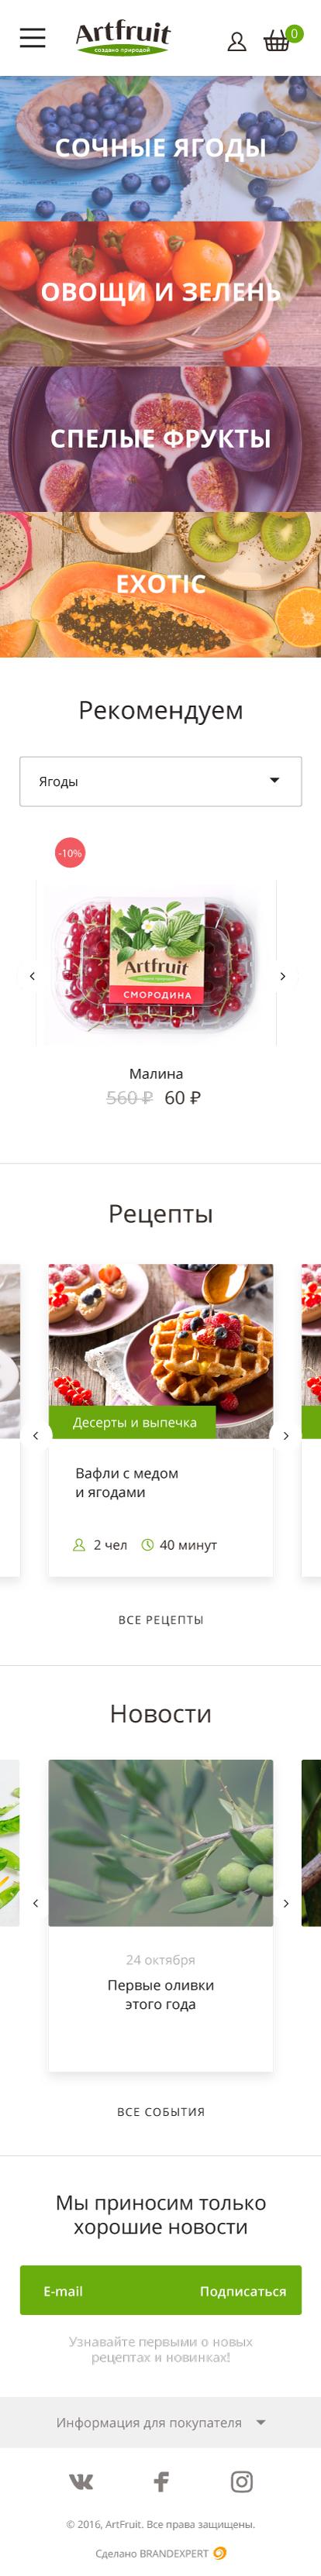 Рецепты и гастрономический фудстайлинг позволяют стимулировать продажи Artfruit